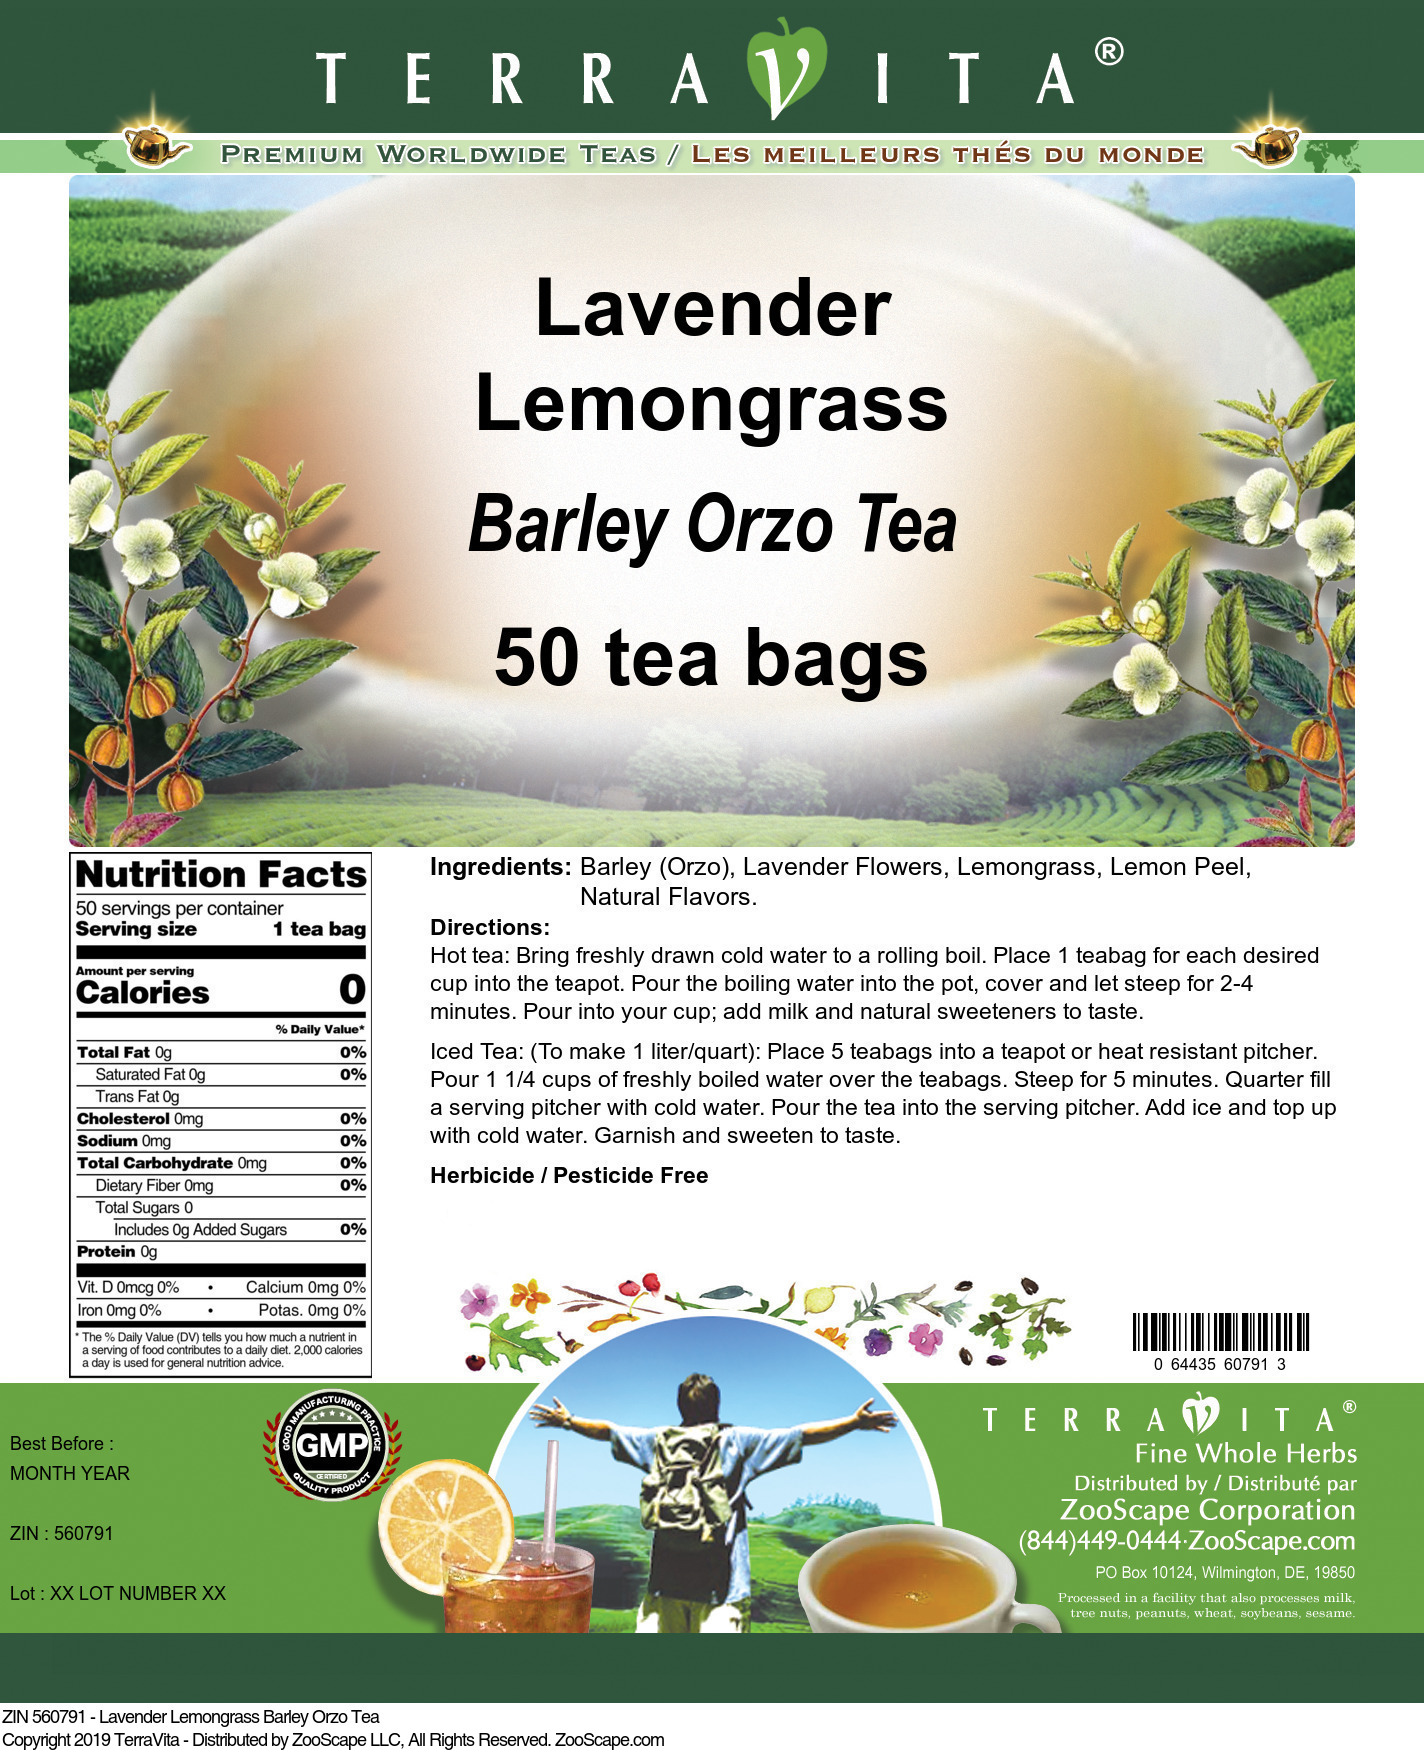 Lavender Lemongrass Barley Orzo